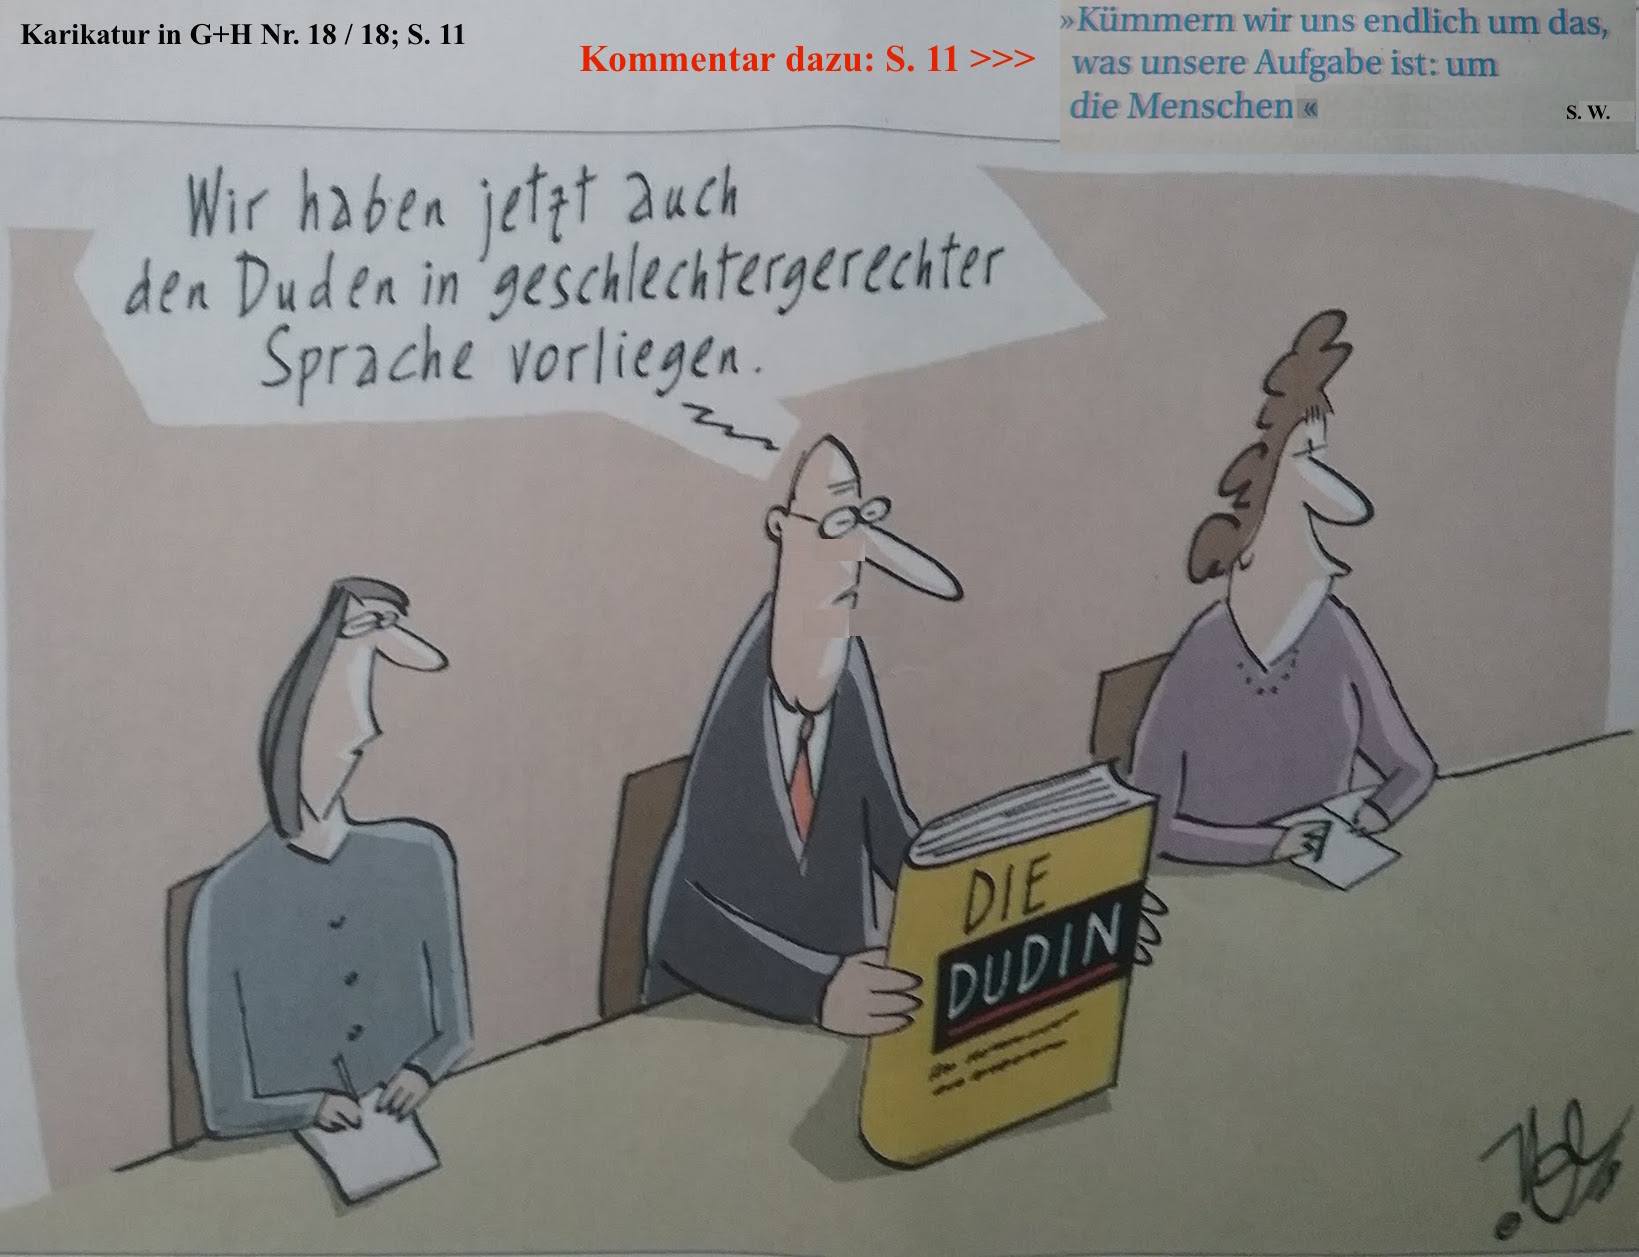 Karikatur Sprachliche Geschlechtergerechtigkeit